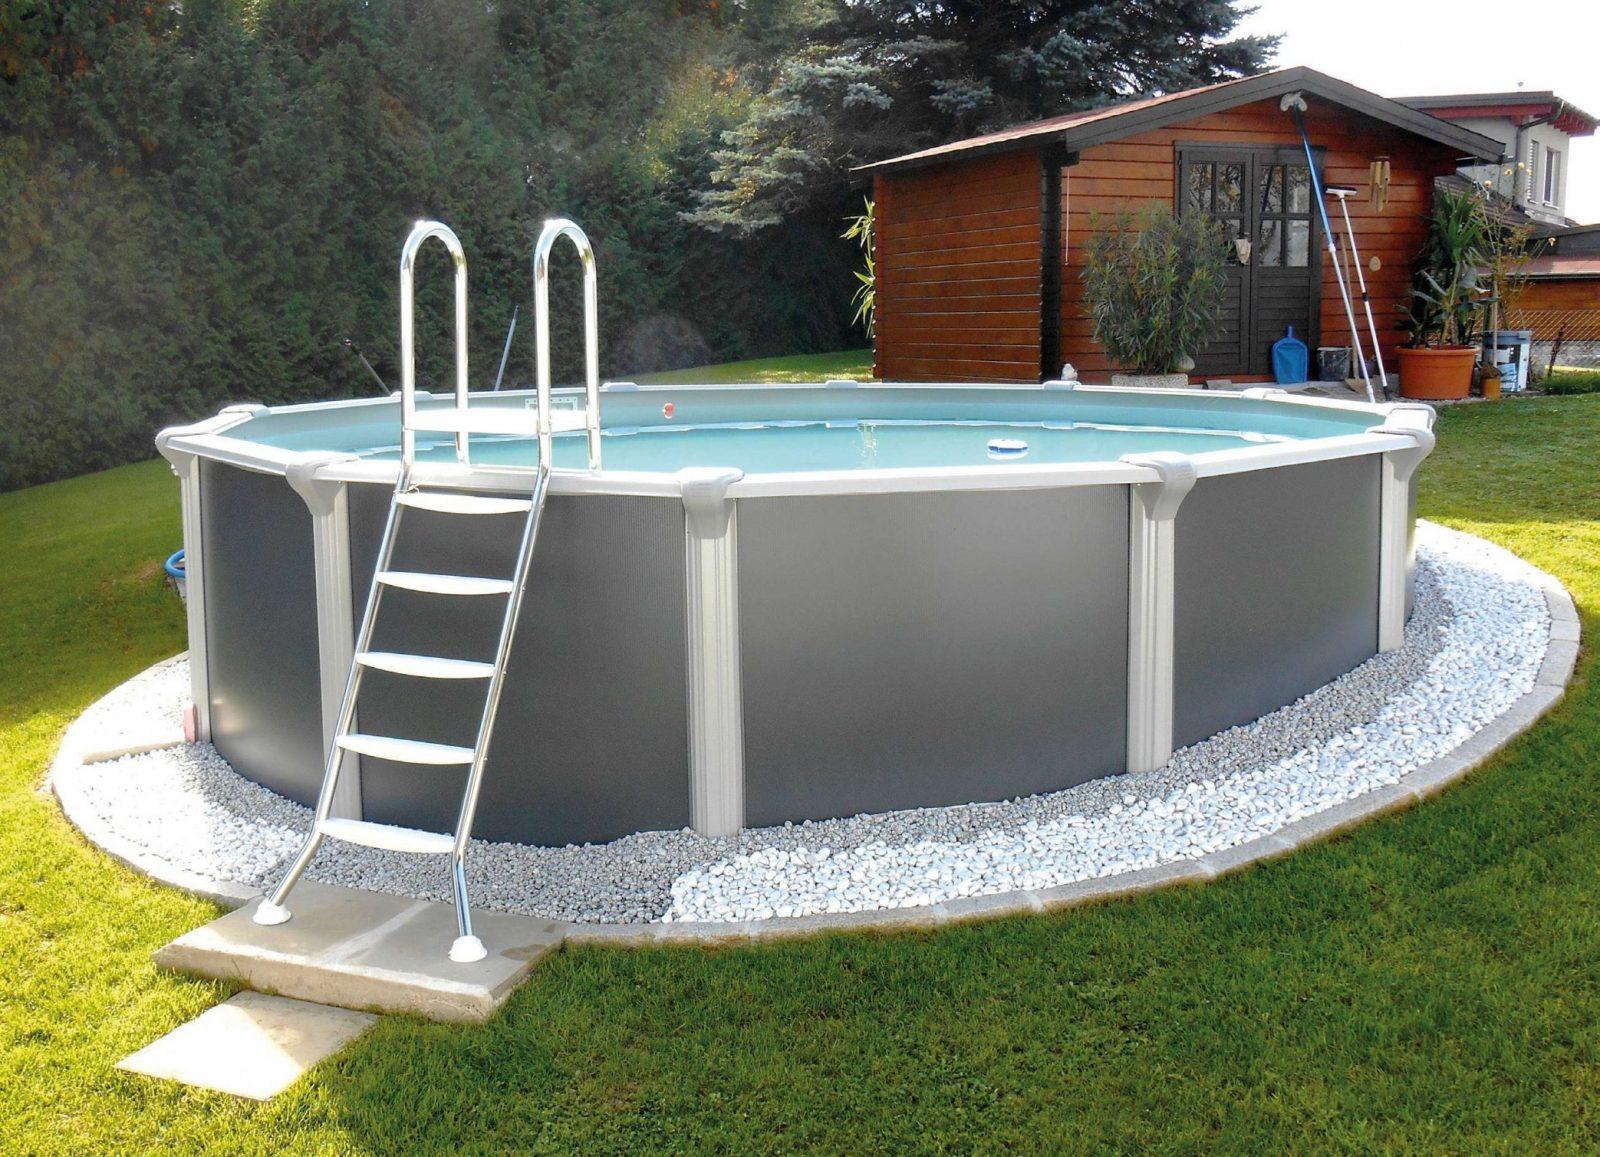 42 Einzigartig Pool Oval Foto Designideen Von Mini Pool Im Garten von Mini Pool Im Garten Bild